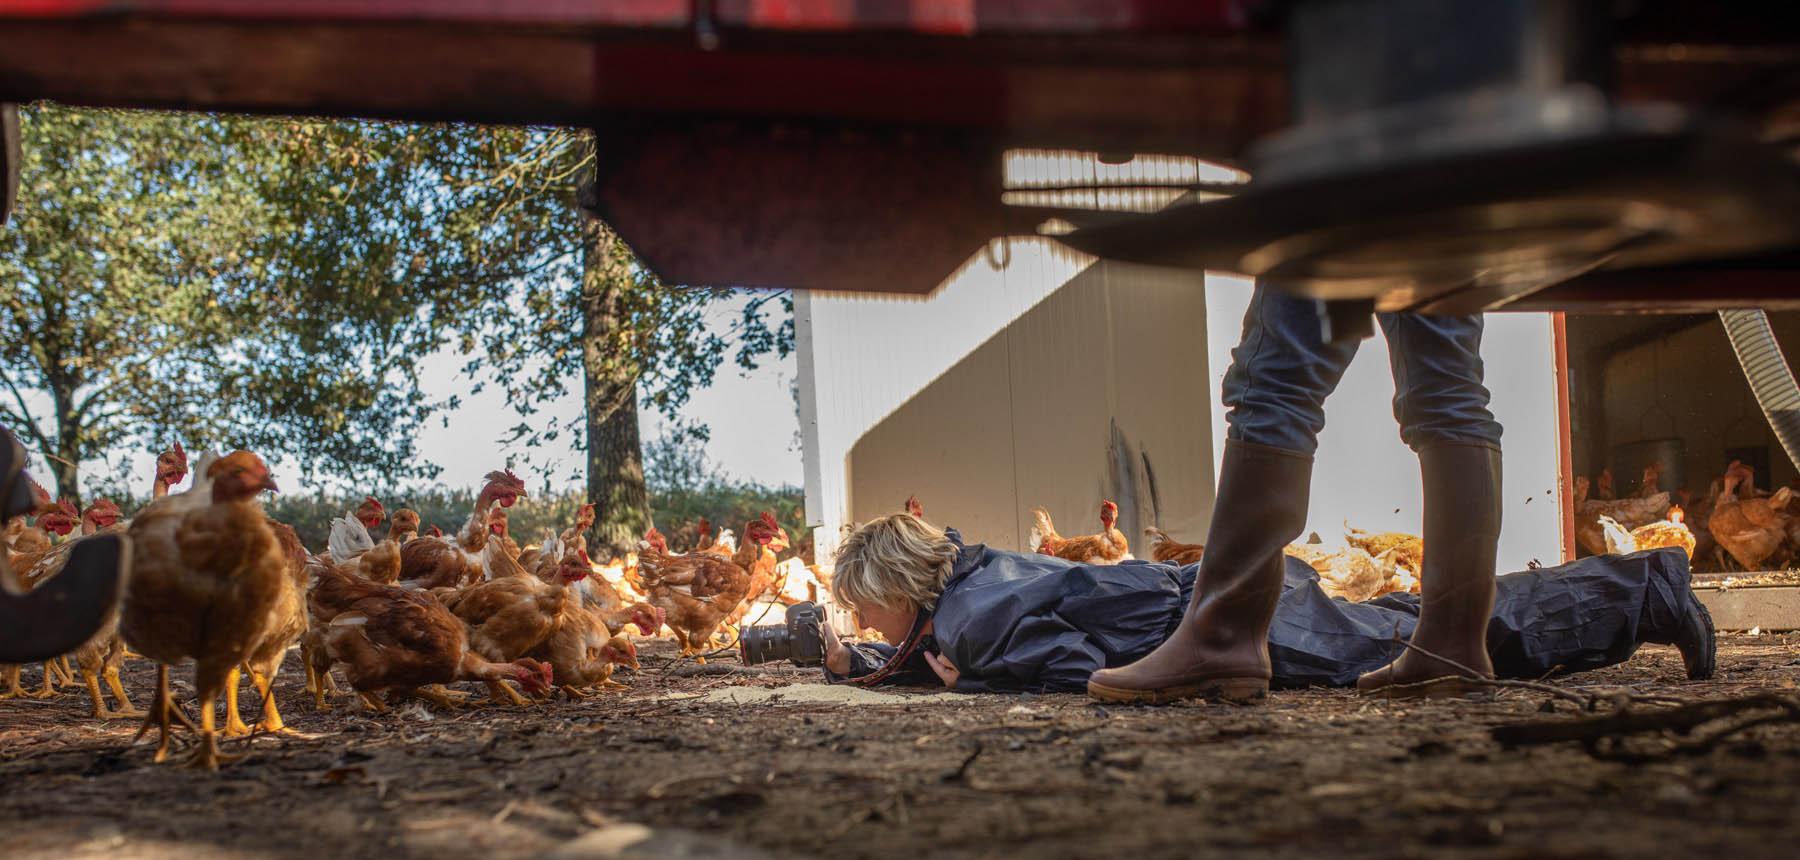 photo de Carole embid lors d'un reportage photo dans une ferme des landes